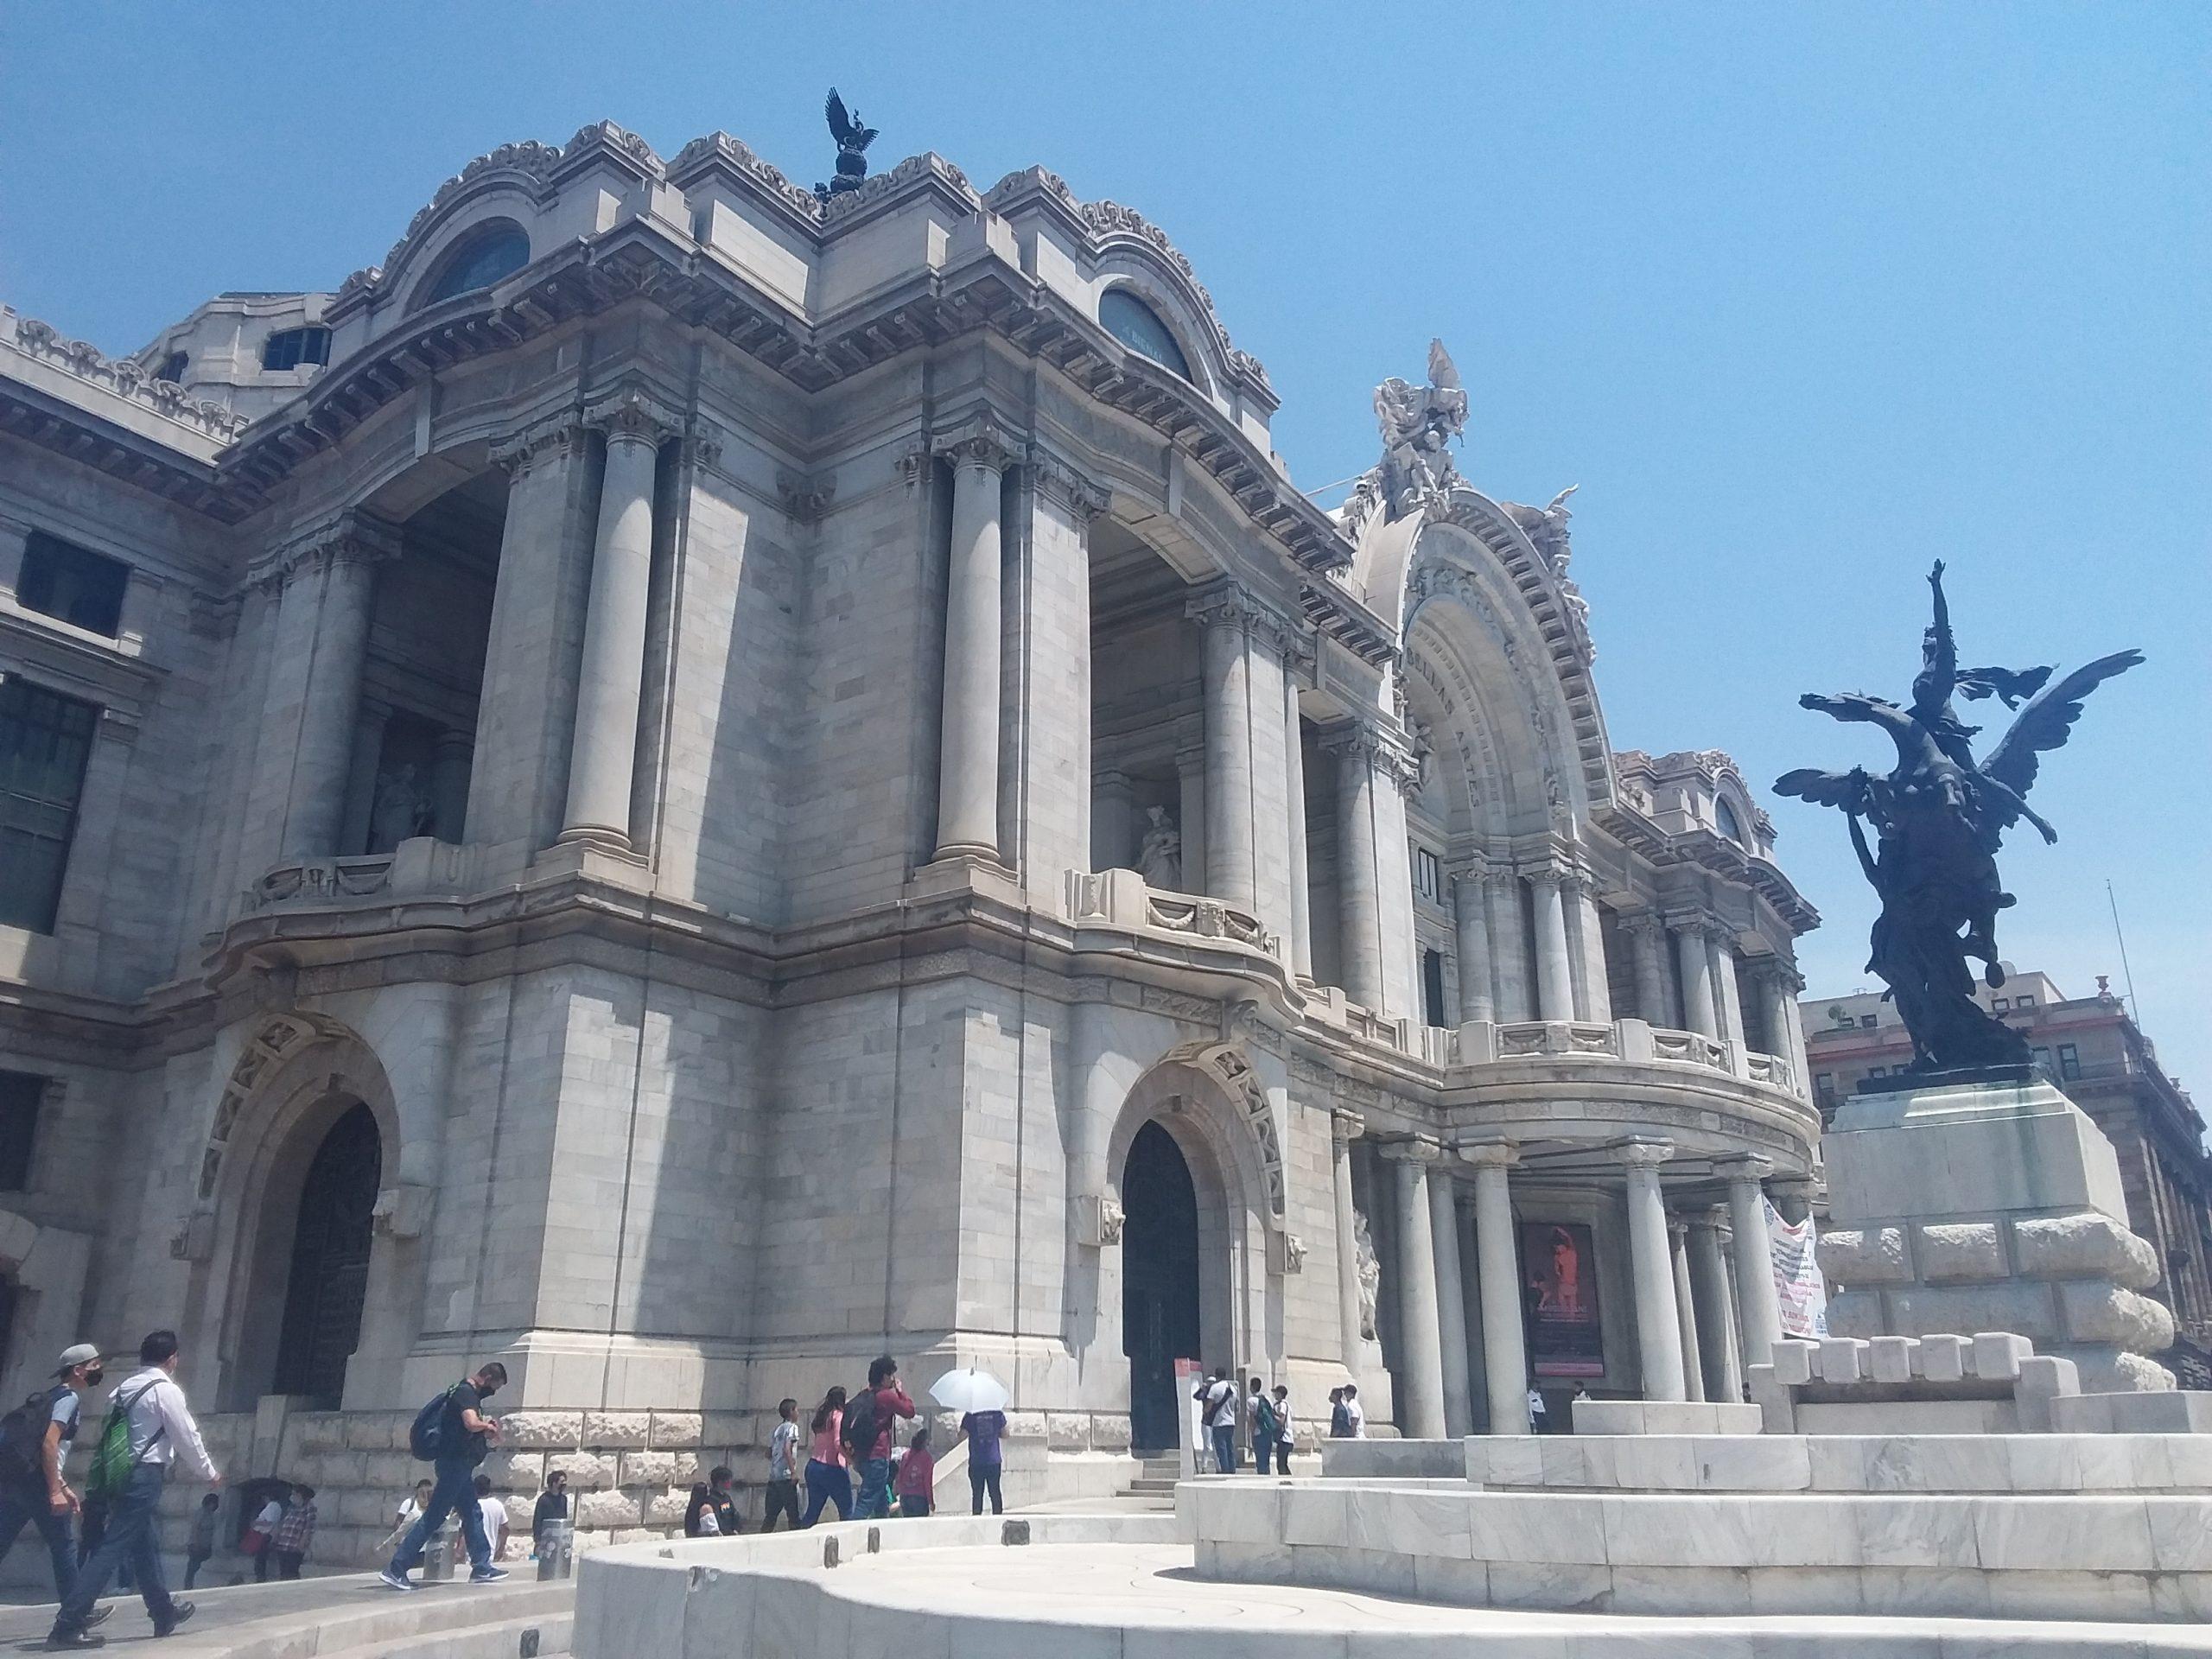 Palais des beaux-arts mexico city